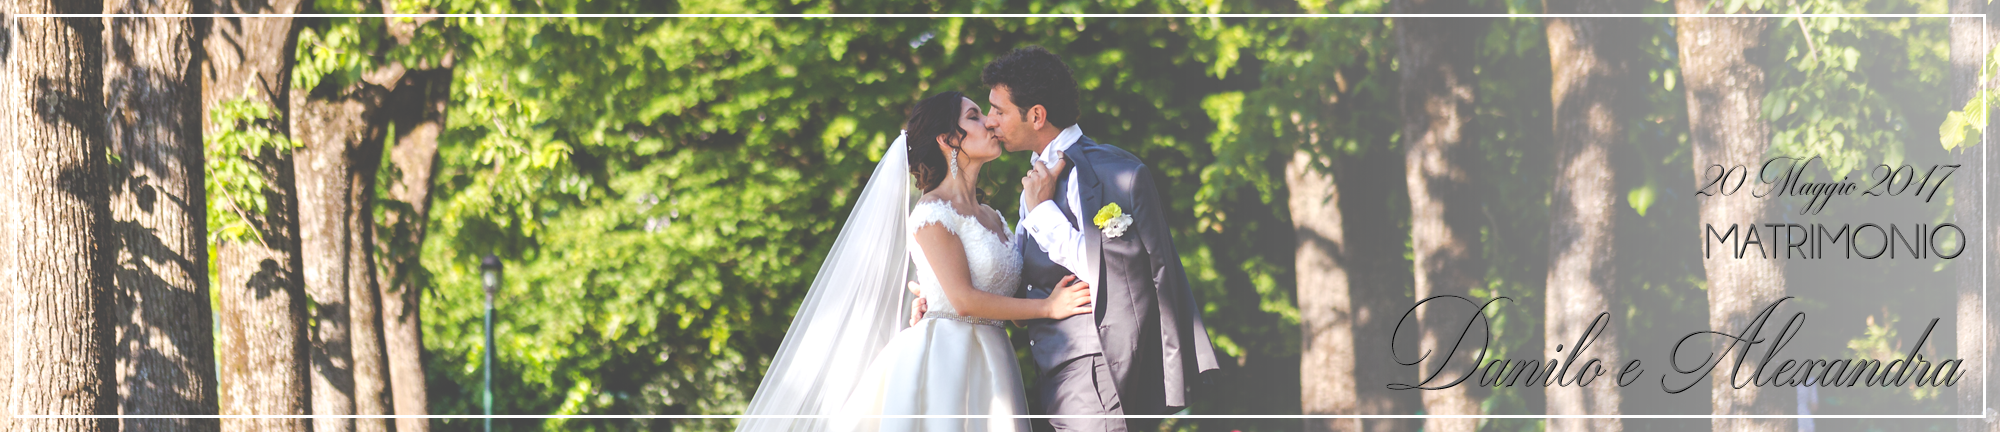 wedding_planner_fotografo_genova_danilo_alexandra